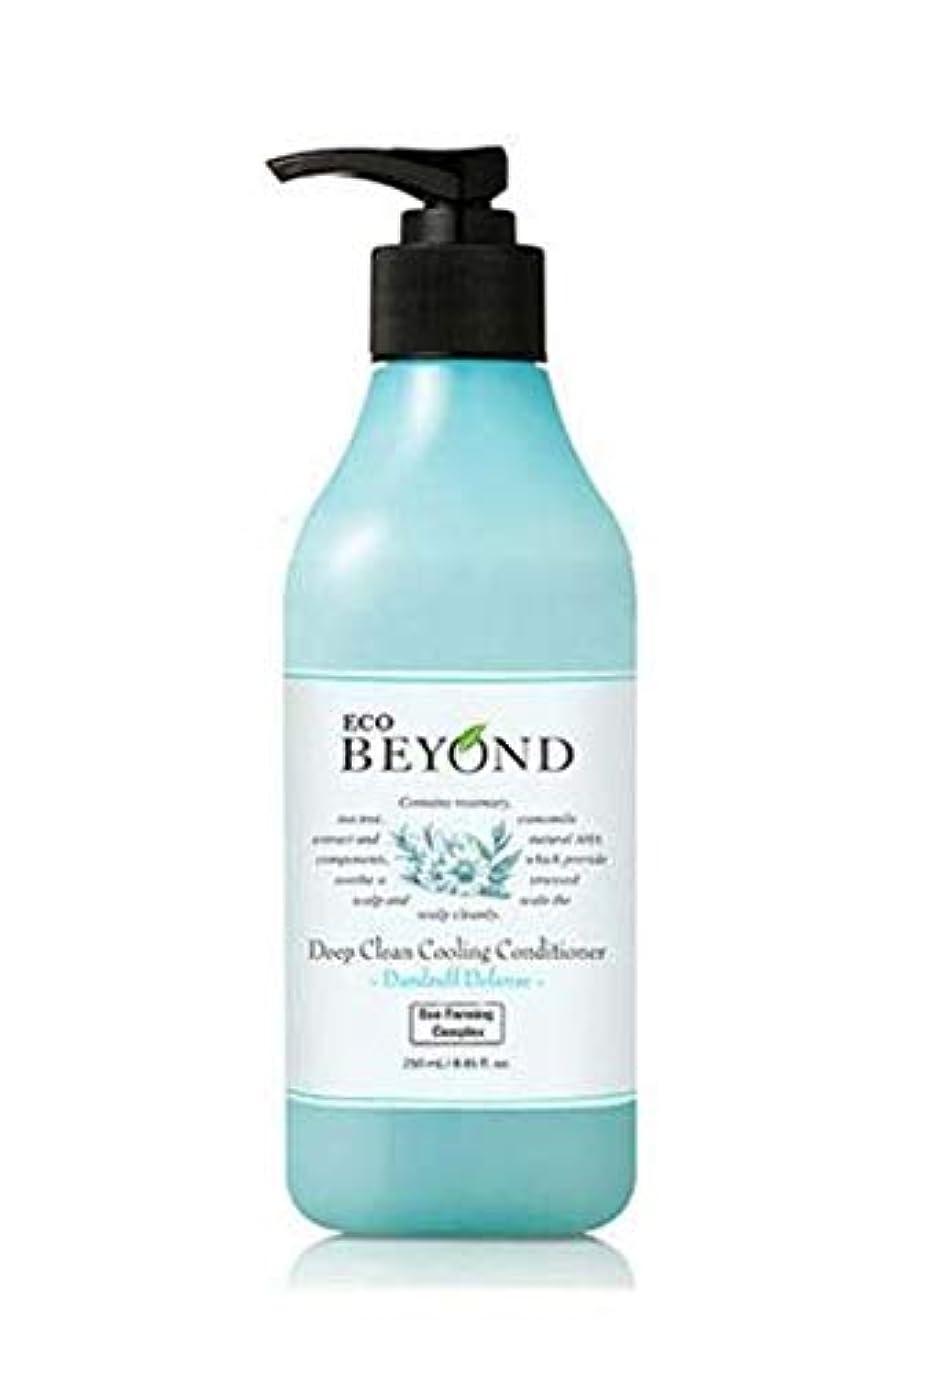 [ビヨンド] BEYOND [ディープ クリーン クーリング コンディショナー 450ml] Deep Clean Cooling Conditioner 450ml [海外直送品]